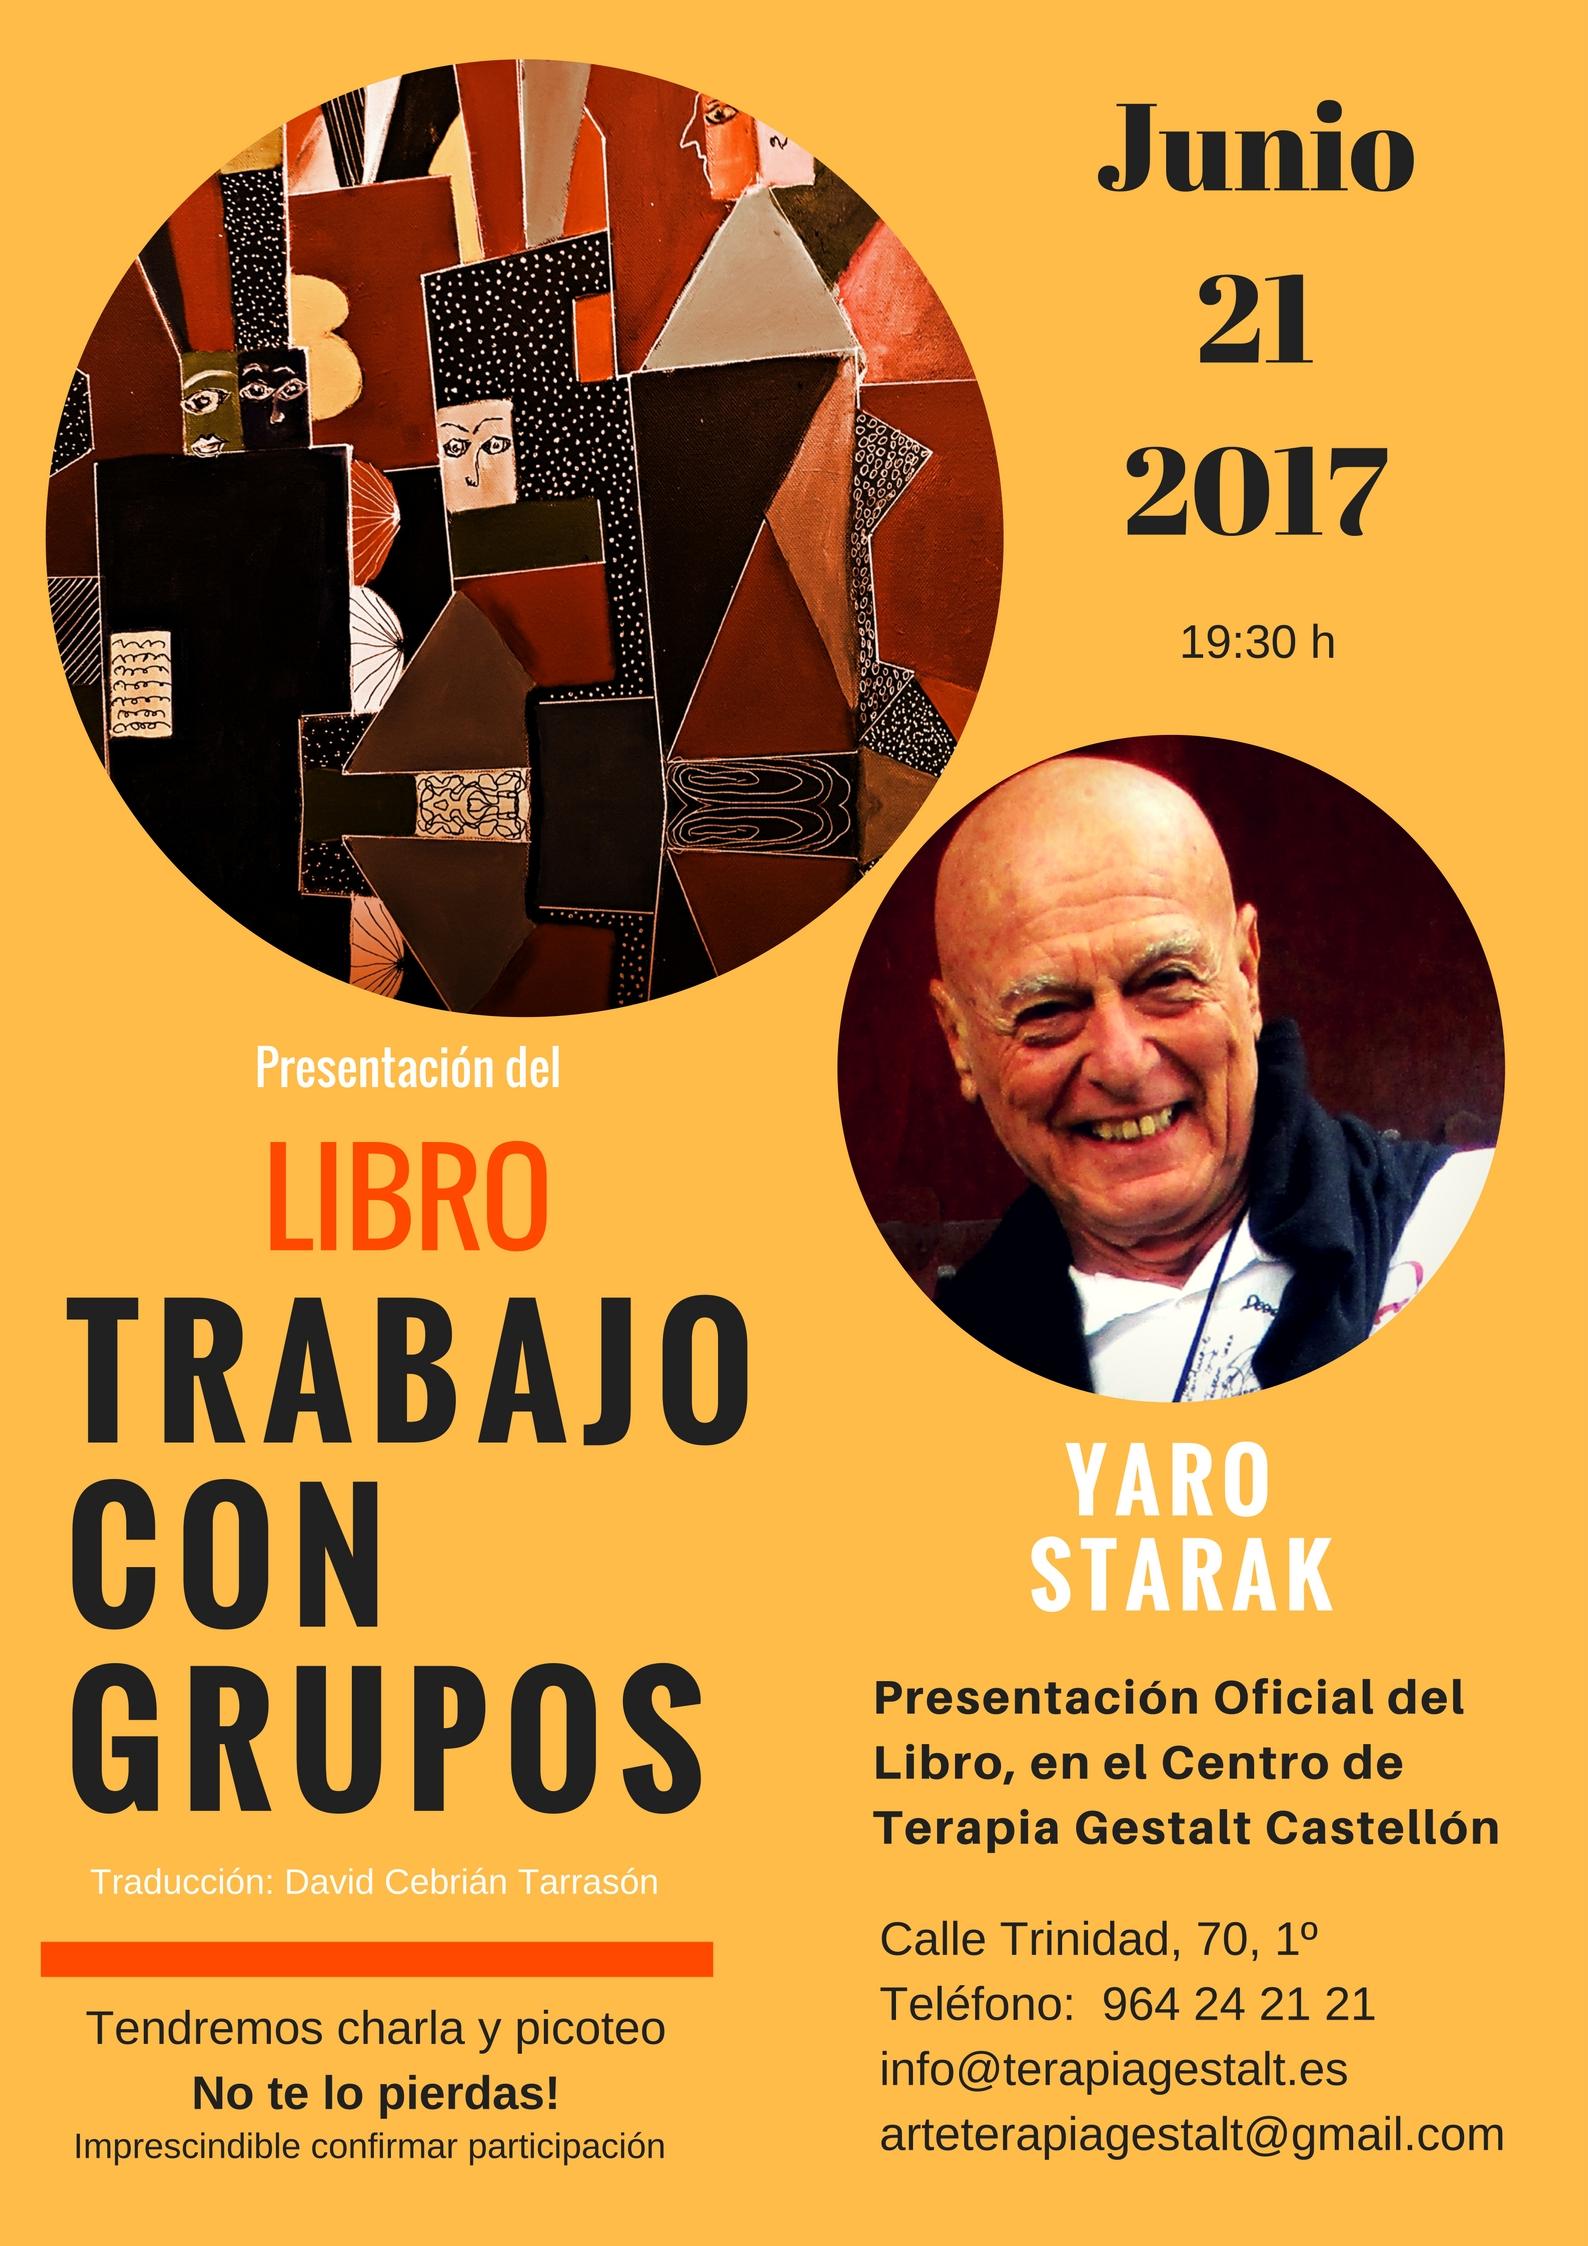 imagen de entrada del blog: Presentación Oficial del Libro TRABAJO CON GRUPOS- con herramientas de Arte Terapia. Autor: Yaro Starak